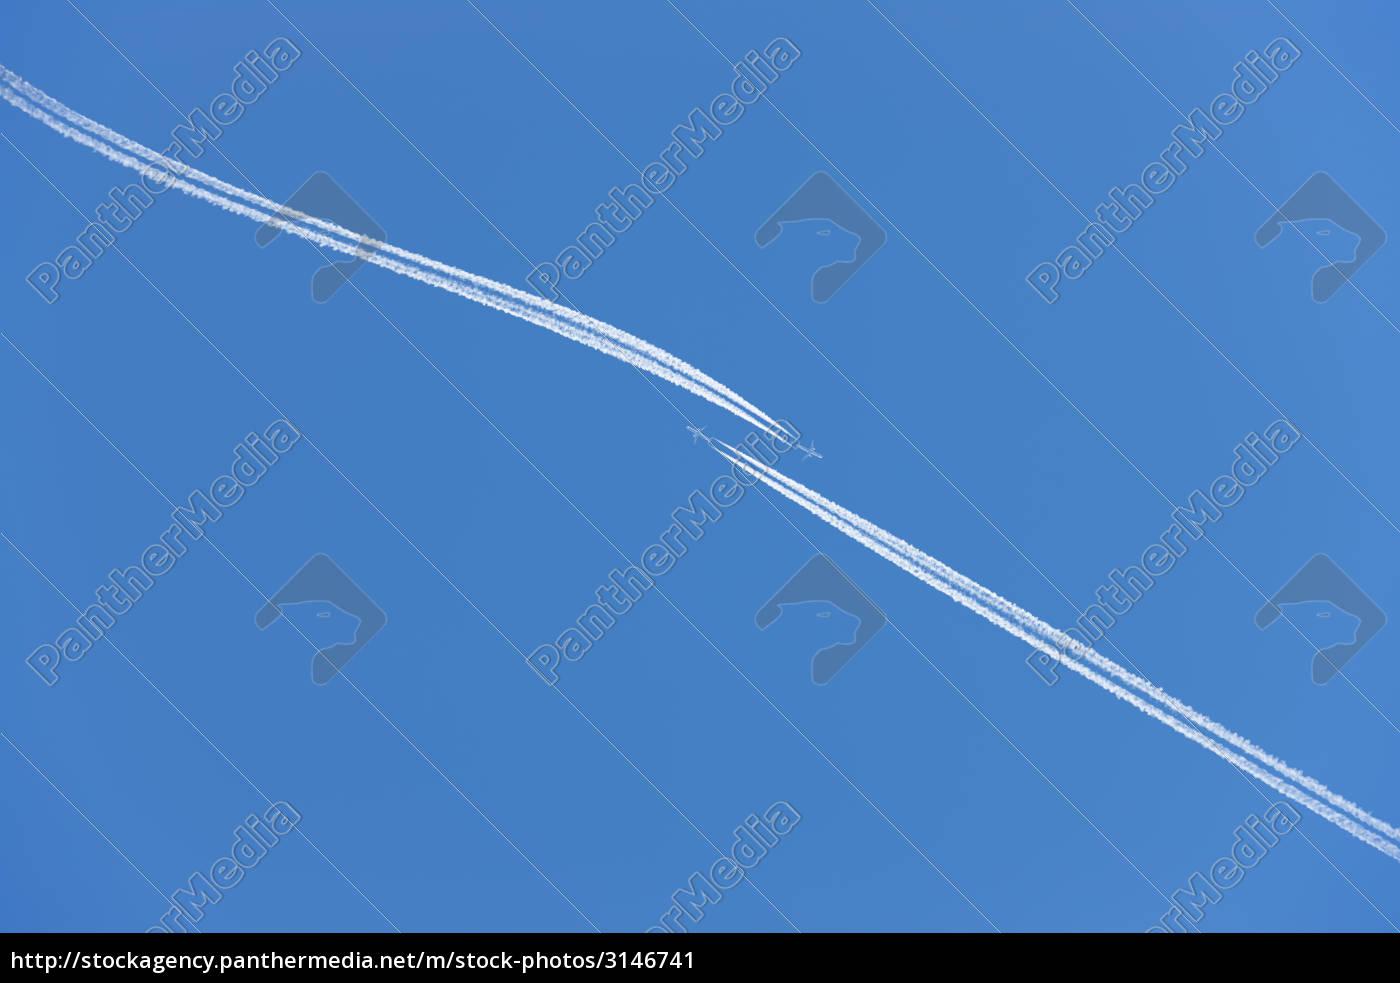 avoiding, airplane, crash - 3146741